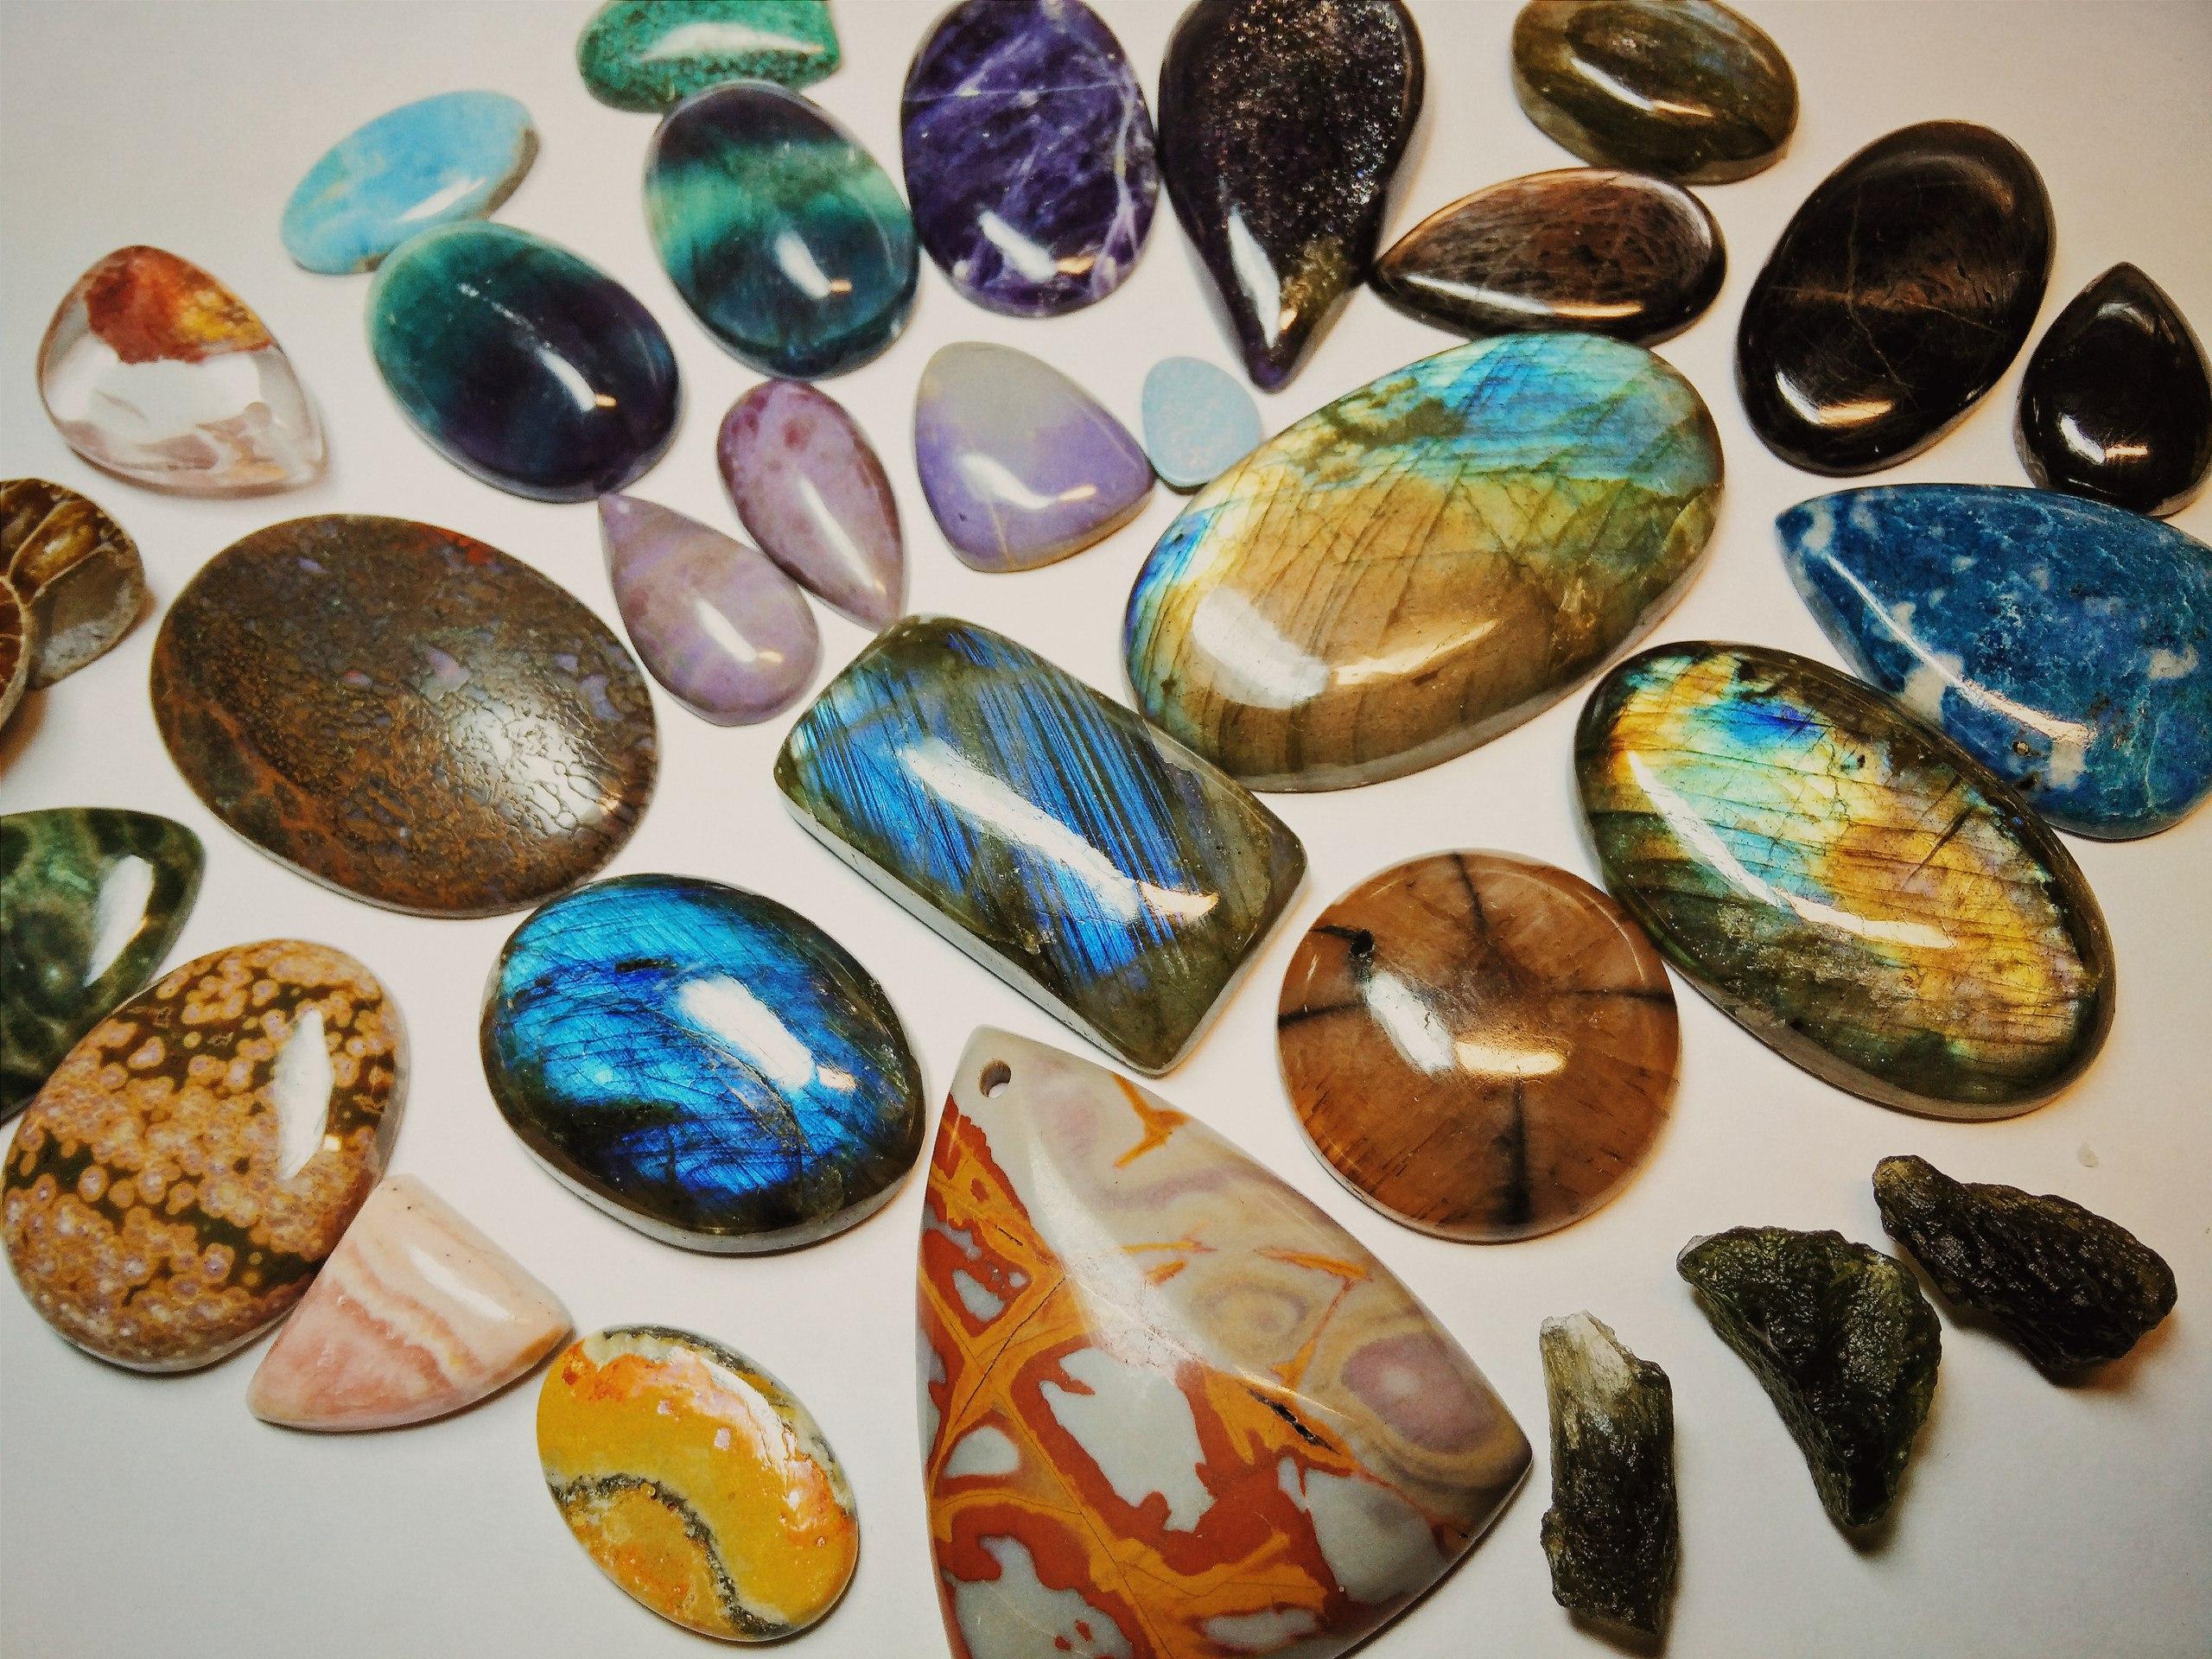 Что такое кабошоны, каких они бывают видов, как их производят из натуральных камней?